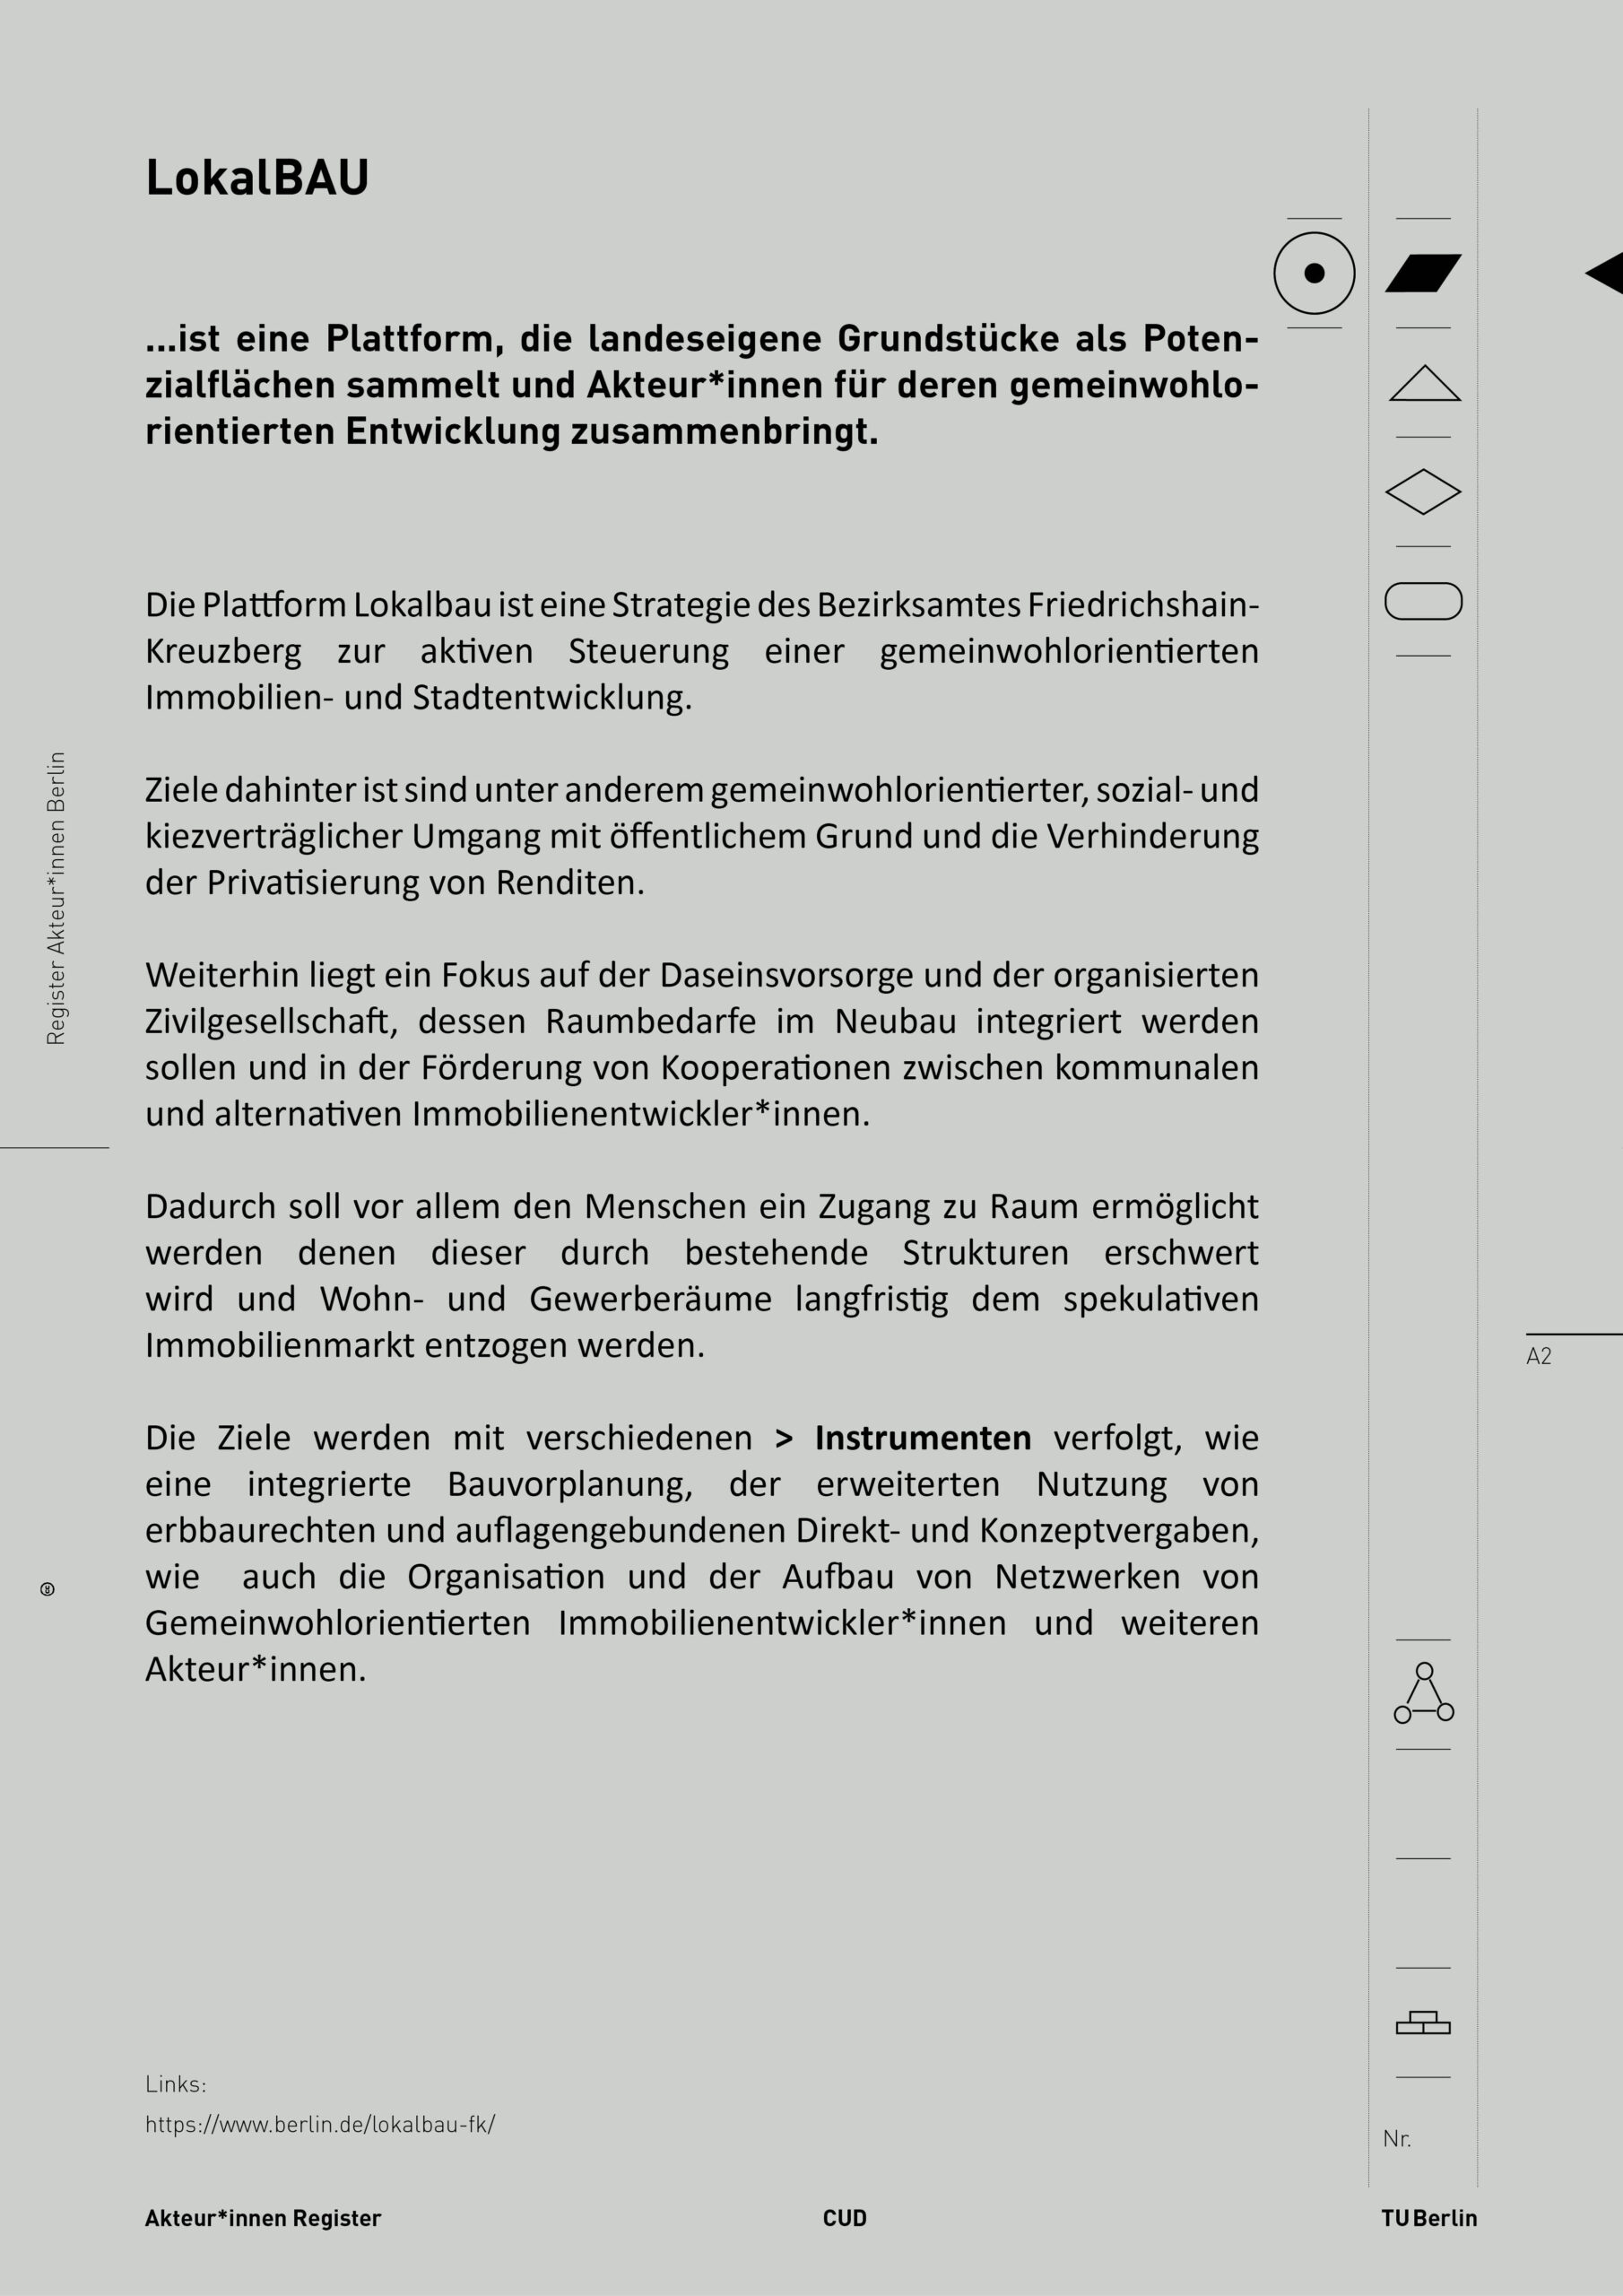 2021-05-17_AkteurInnen_Register_10